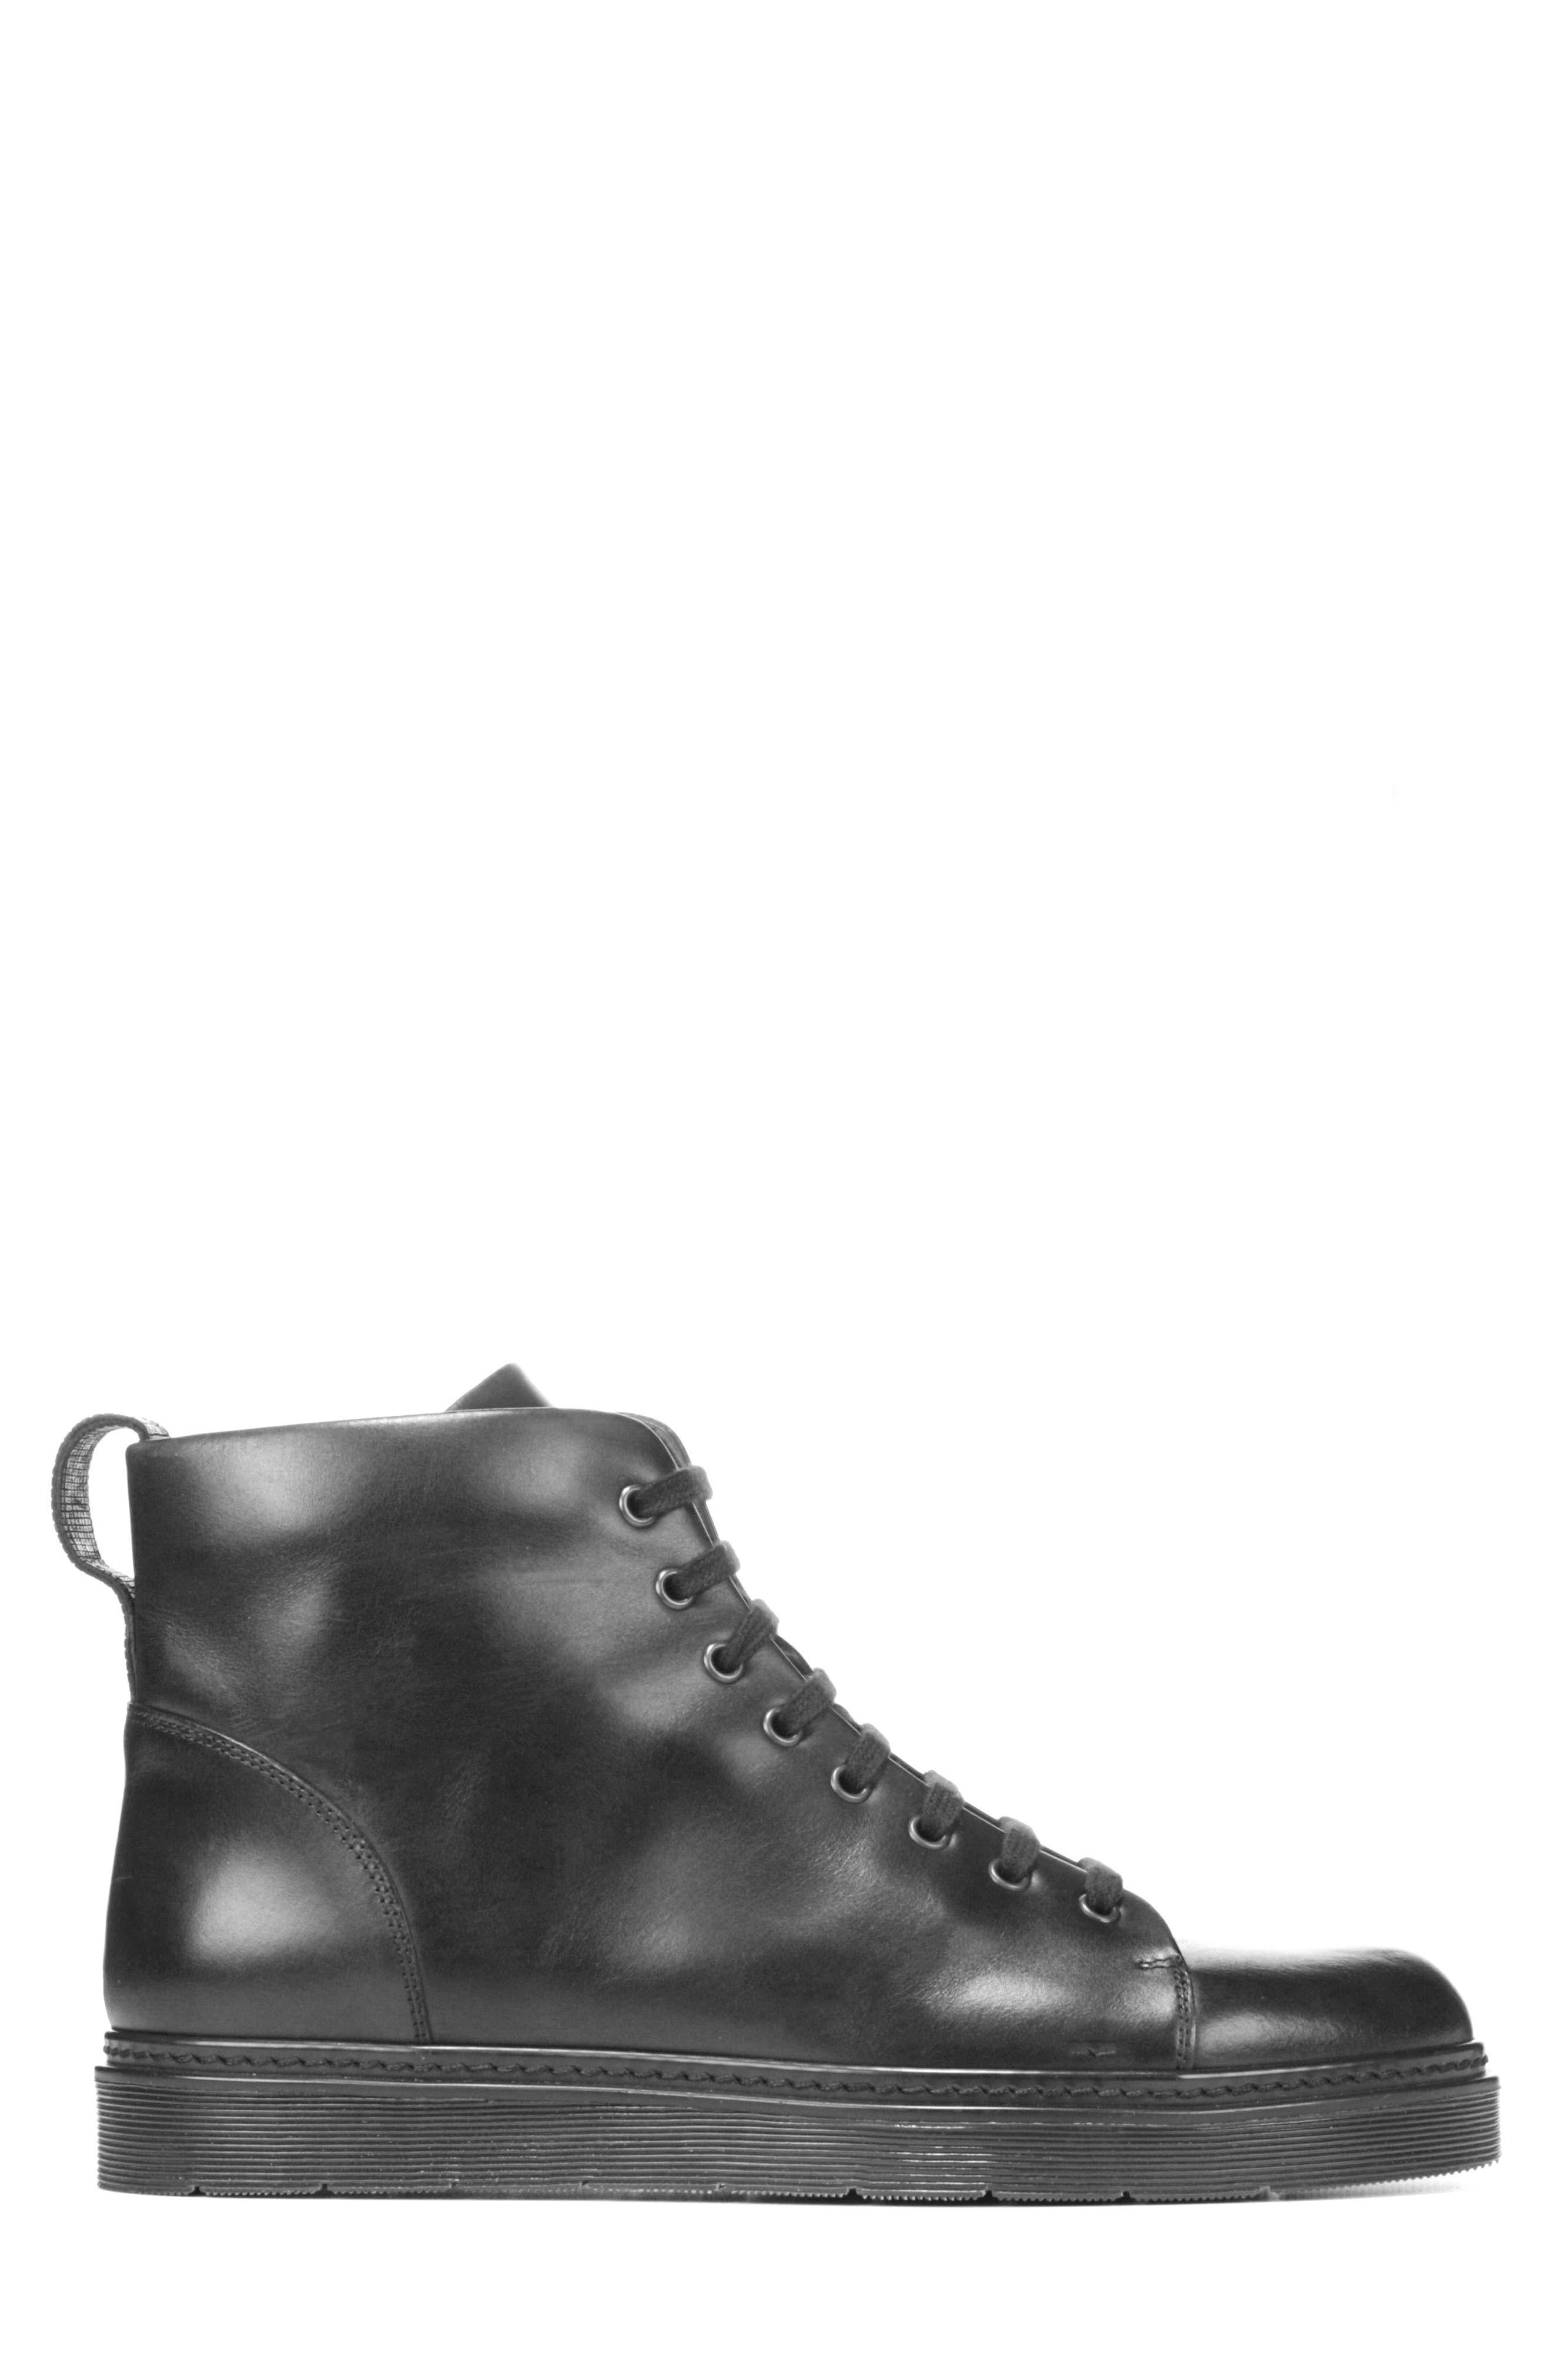 Malone Plain Toe Boot,                             Alternate thumbnail 3, color,                             Black